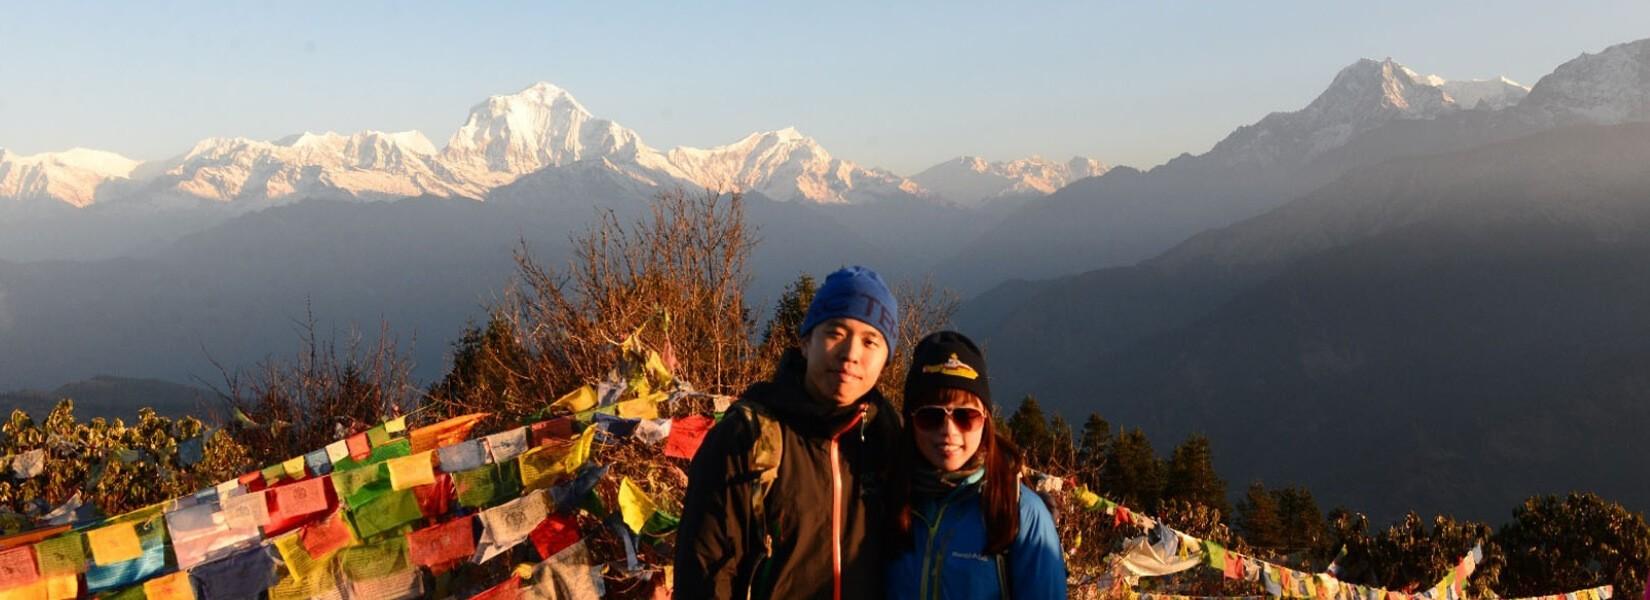 Annapurna Base Camp Trek Region